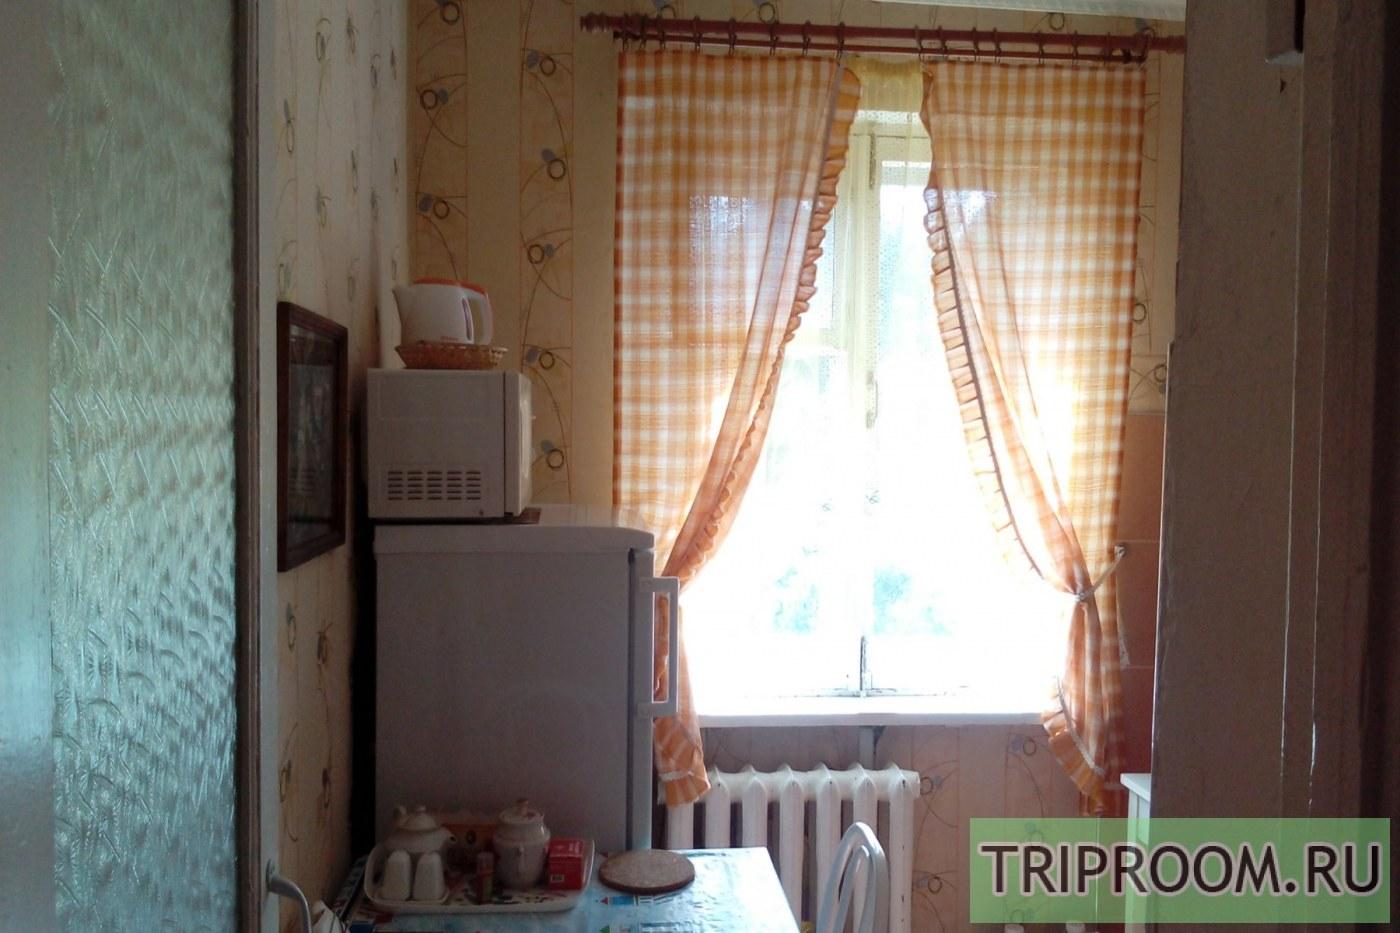 1-комнатная квартира посуточно (вариант № 2608), ул. Цветной проезд, фото № 8